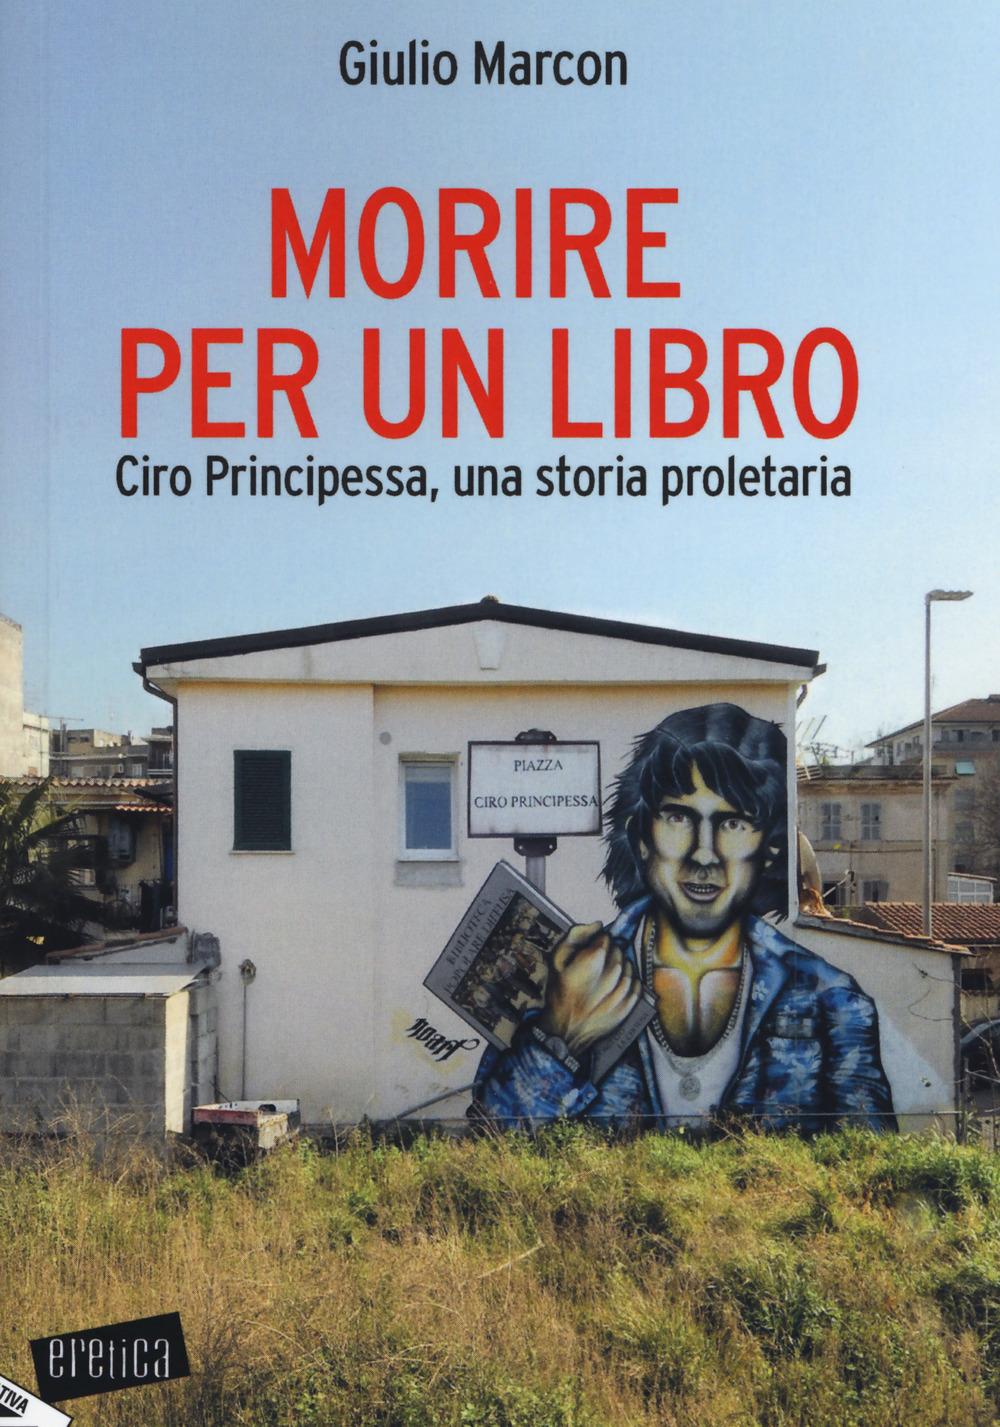 MORIRE PER UN LIBRO. CIRO PRINCIPESSA, UNA STORIA PROLETARIA - Marcon Giulio - 9788862226509